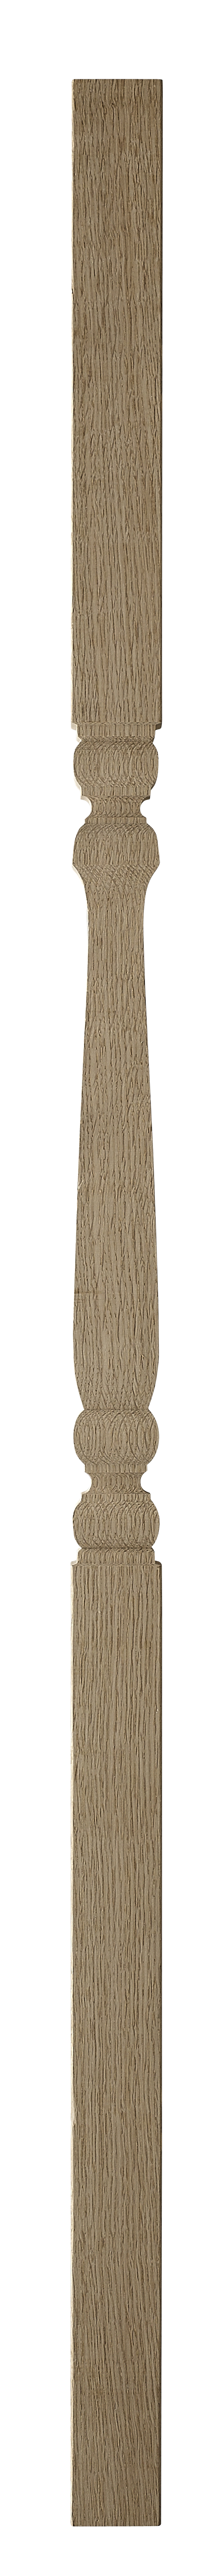 1 Oak Provincial Spindle 1100 41